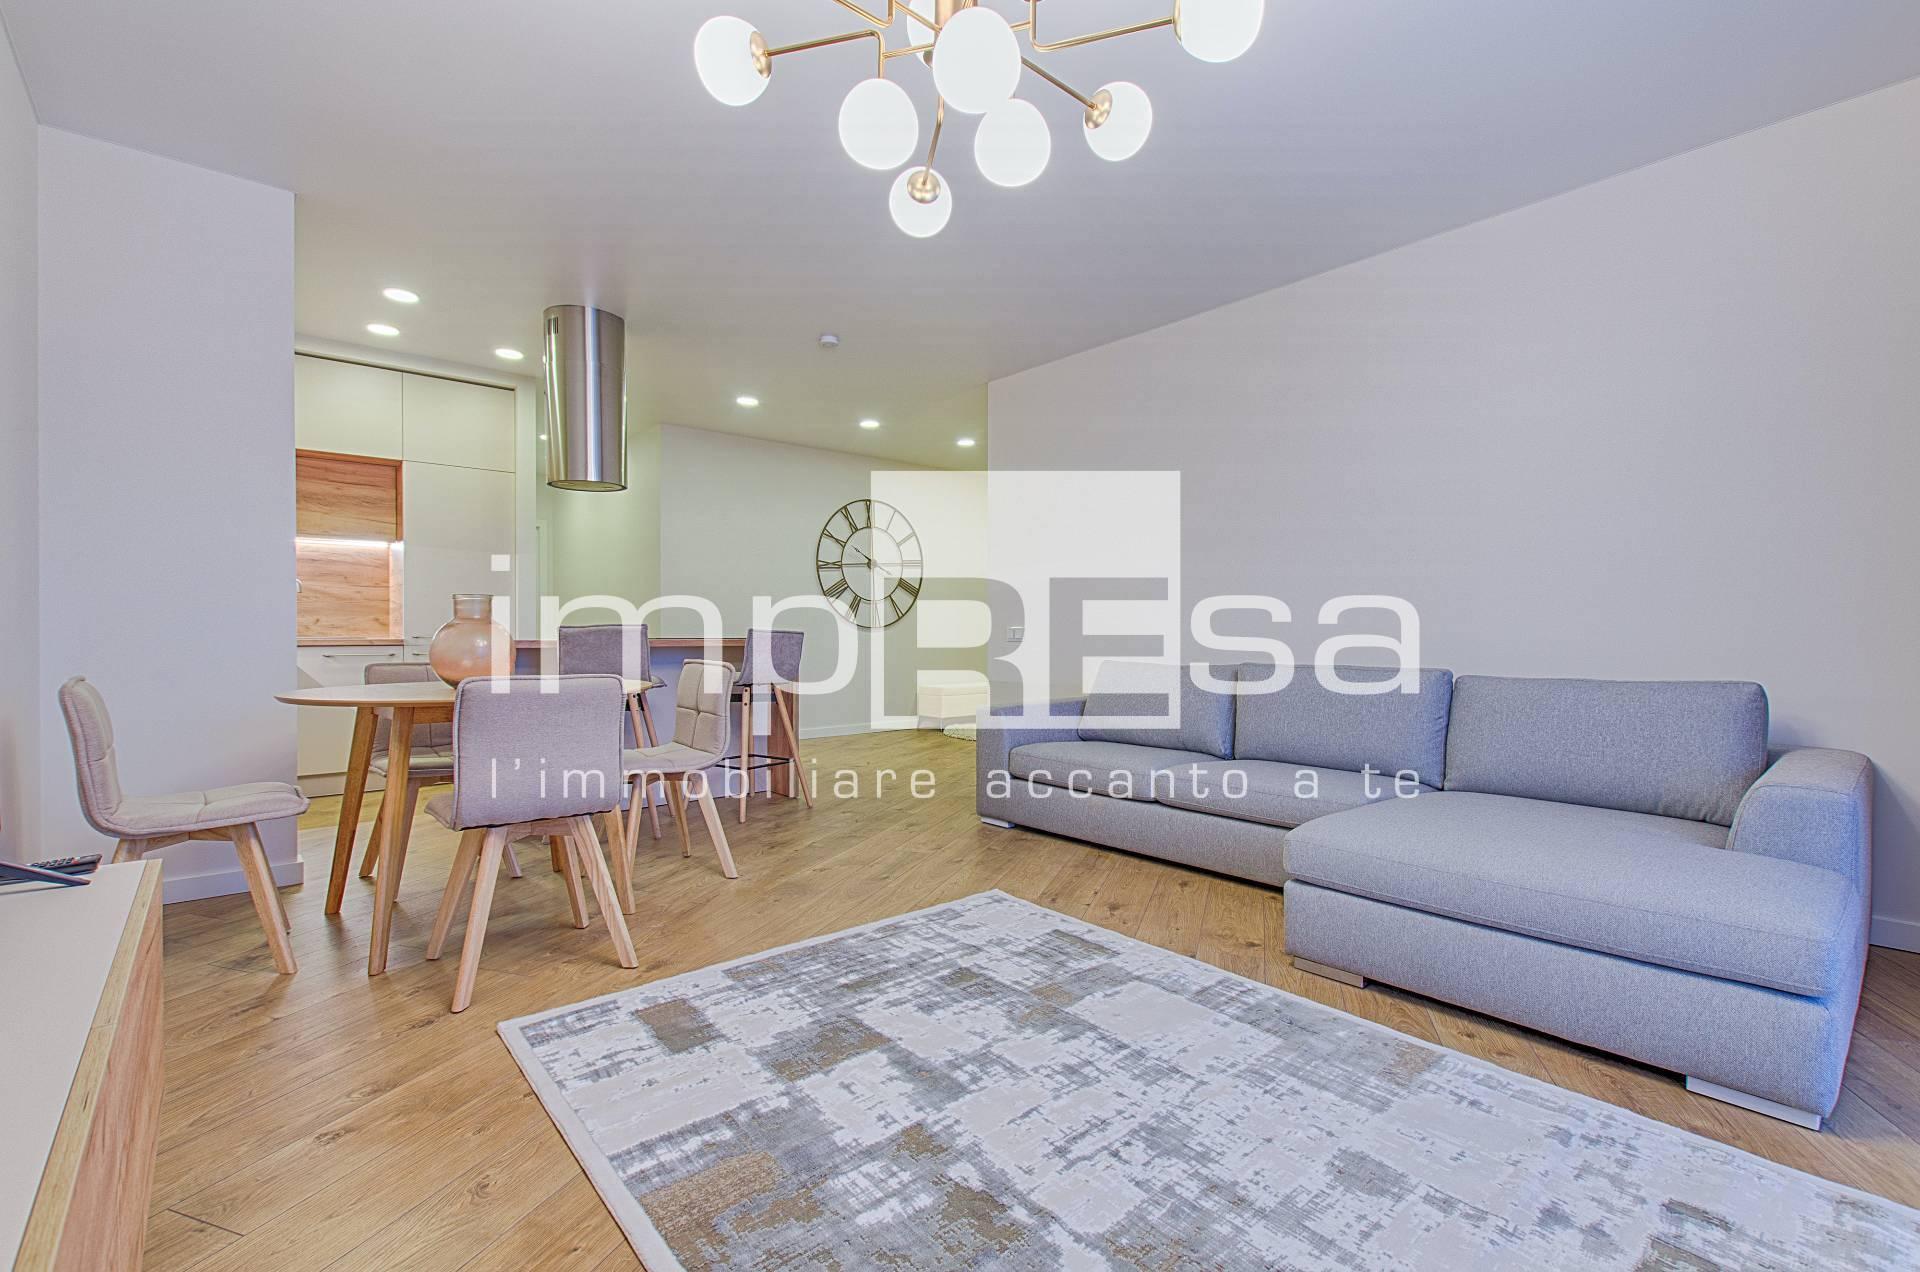 Appartamento in vendita a Paese, 3 locali, zona Zona: Padernello, prezzo € 164.820   CambioCasa.it